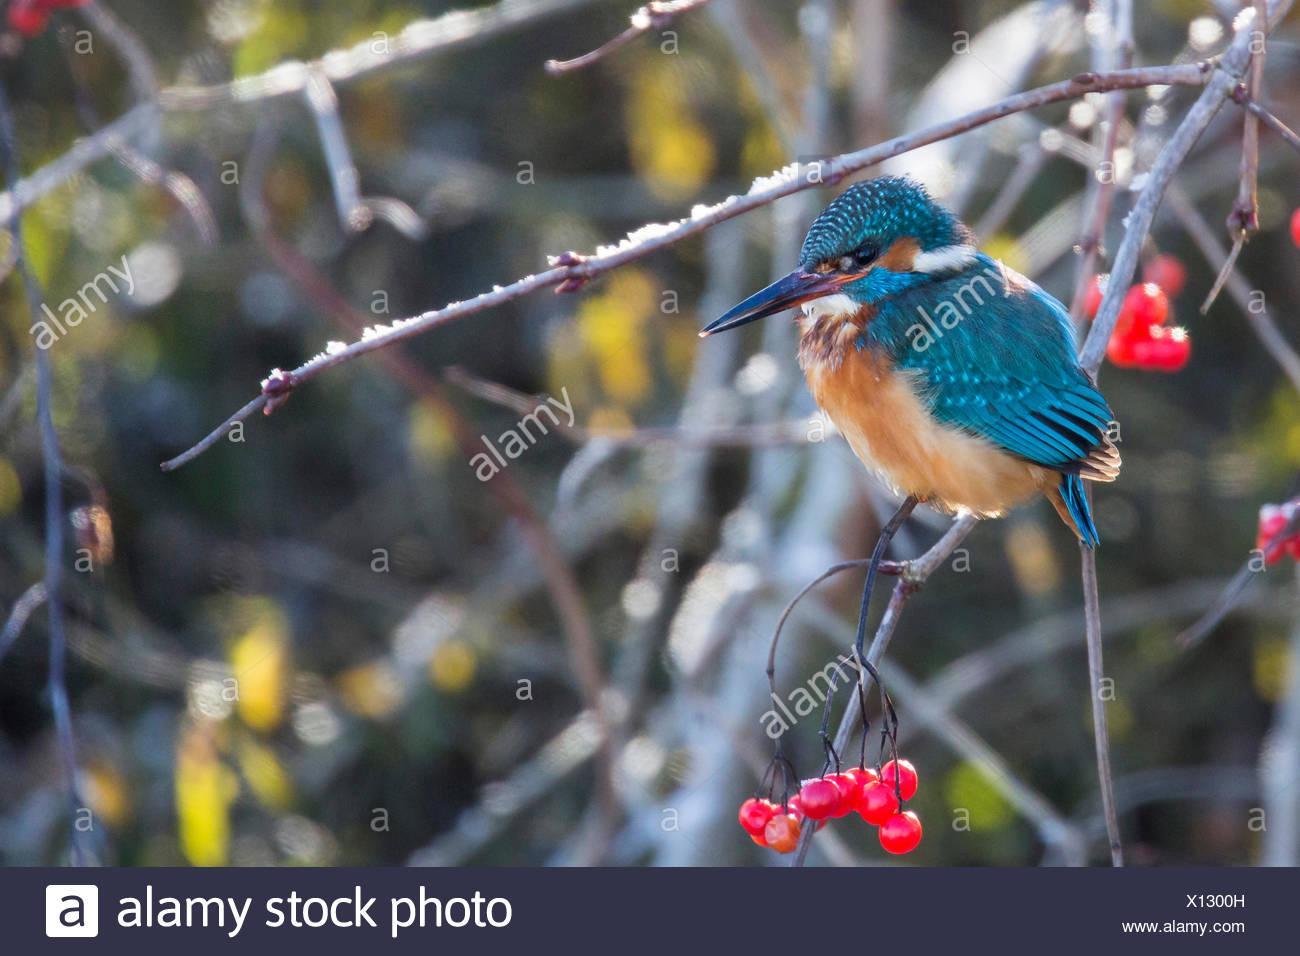 Eisvogel (Alcedo atthis), sitzt neben Beeren des Schneeball-Strauches, Deutschland, Bayern, Niederbayern | river kingfisher (Alc - Stock Image